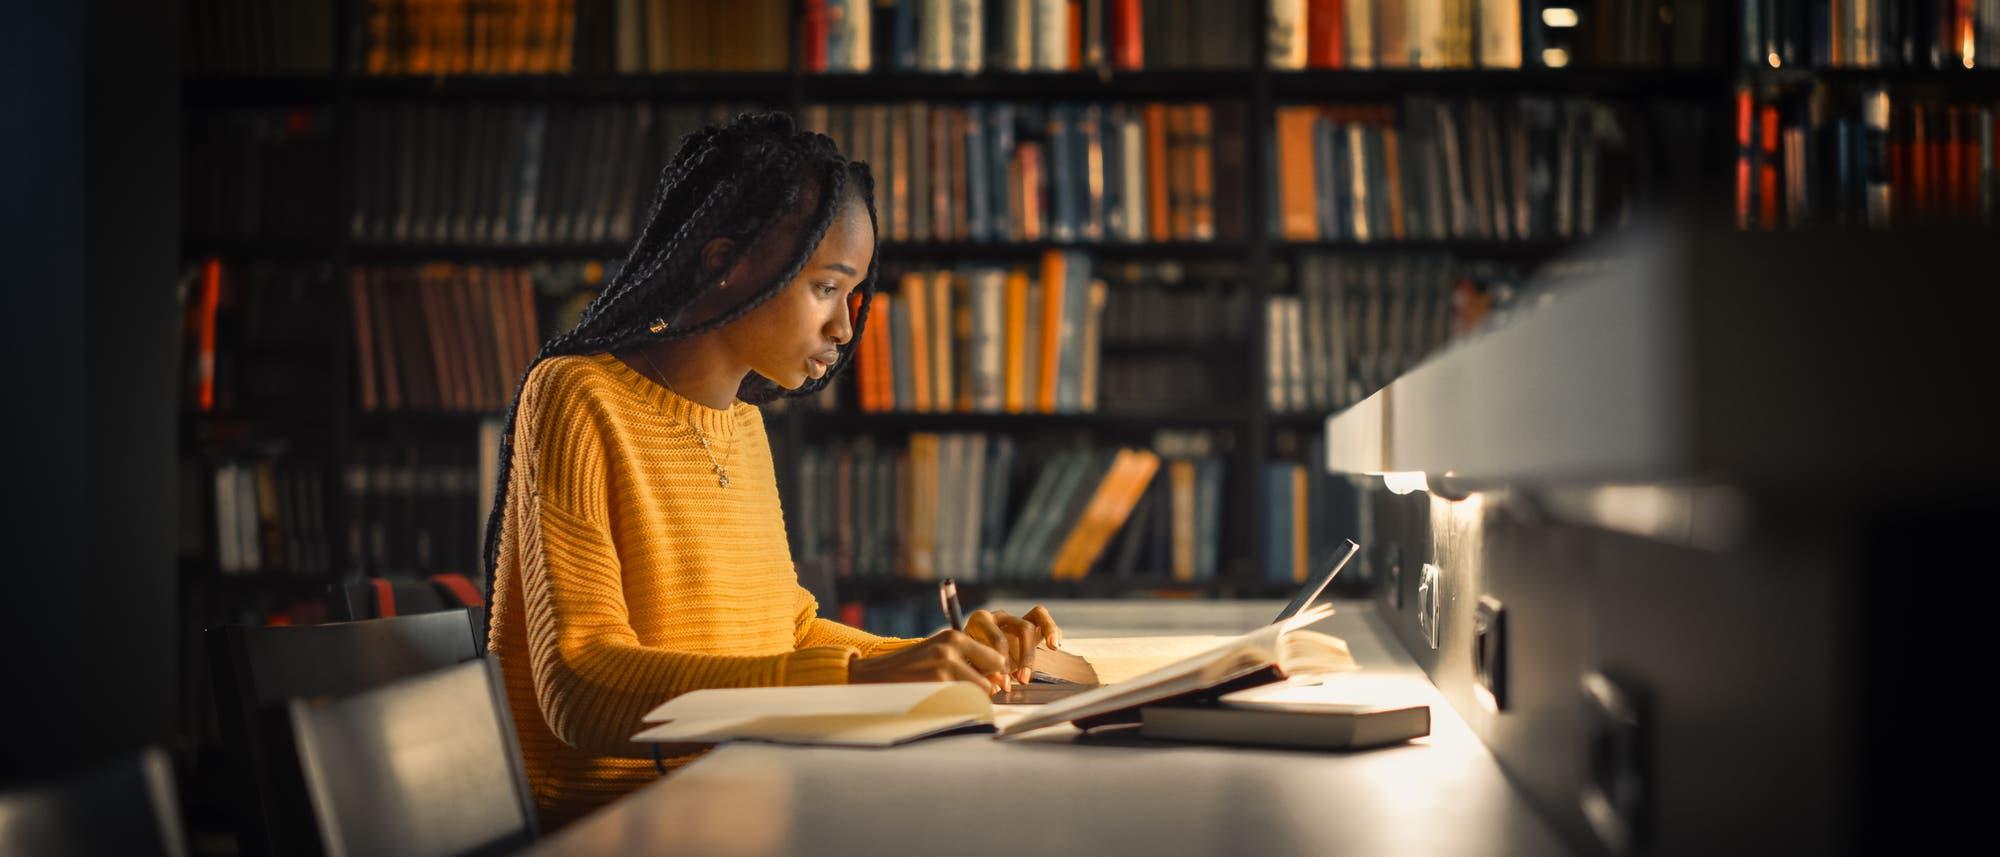 Mädchen beim Lesen und Lernen in einer Bibliothek